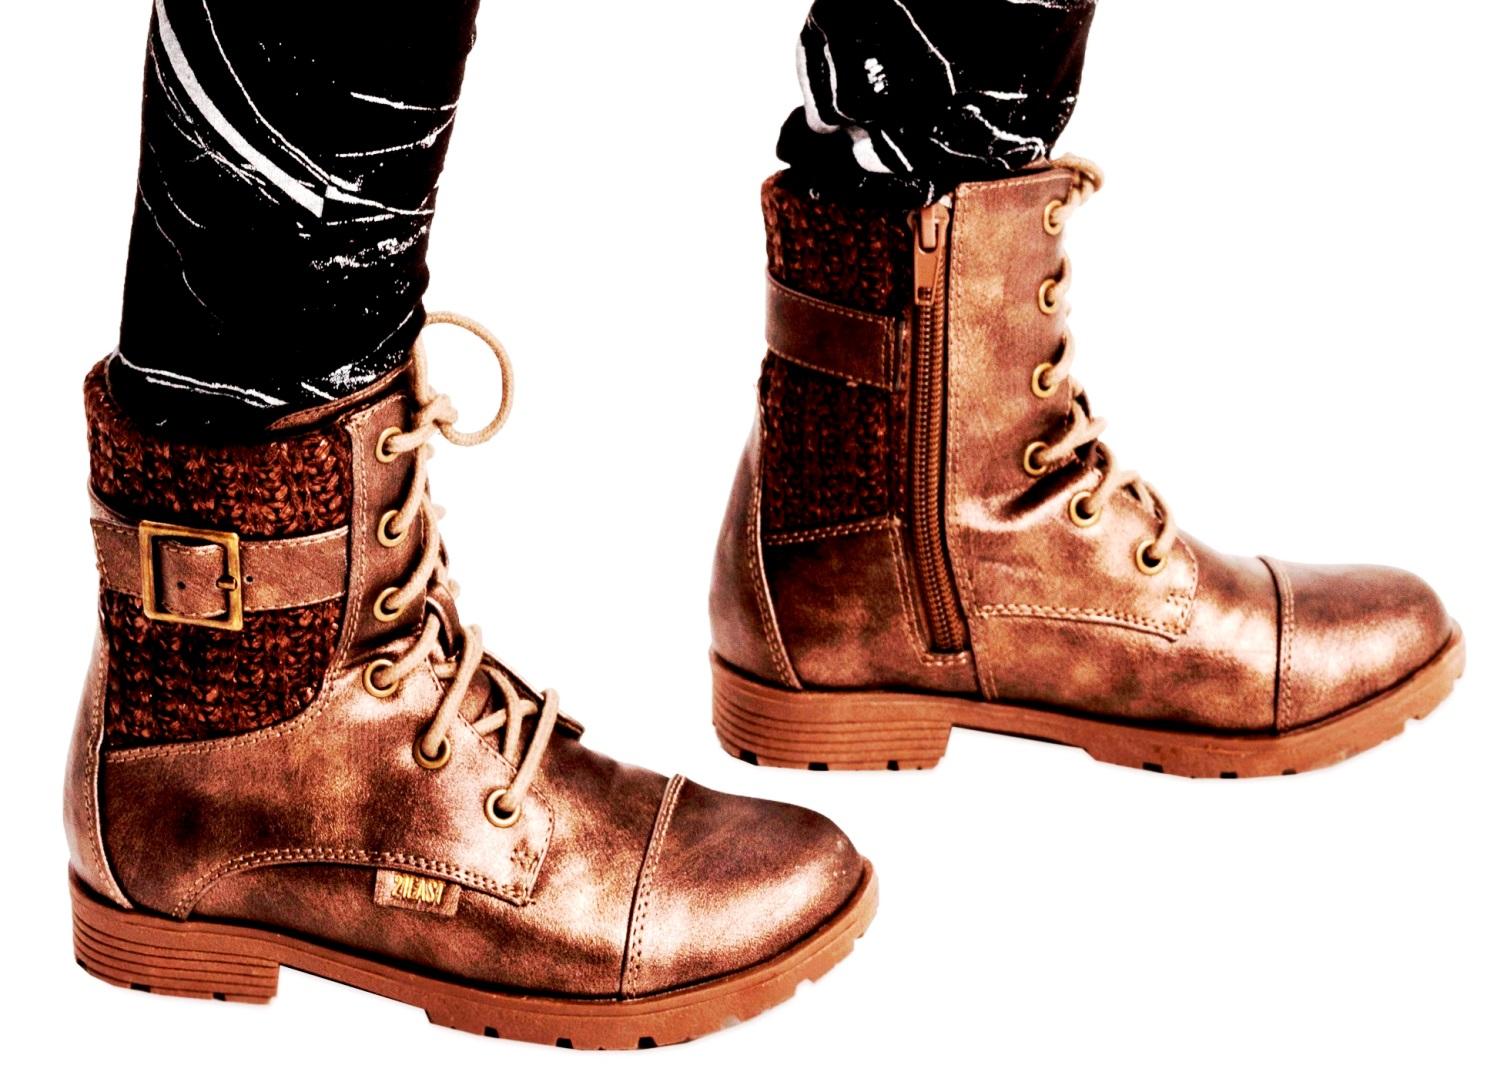 טרנד הסריג כחלק מהנעל. נעלי נמרוד אנד מור. צילום רון קדמי